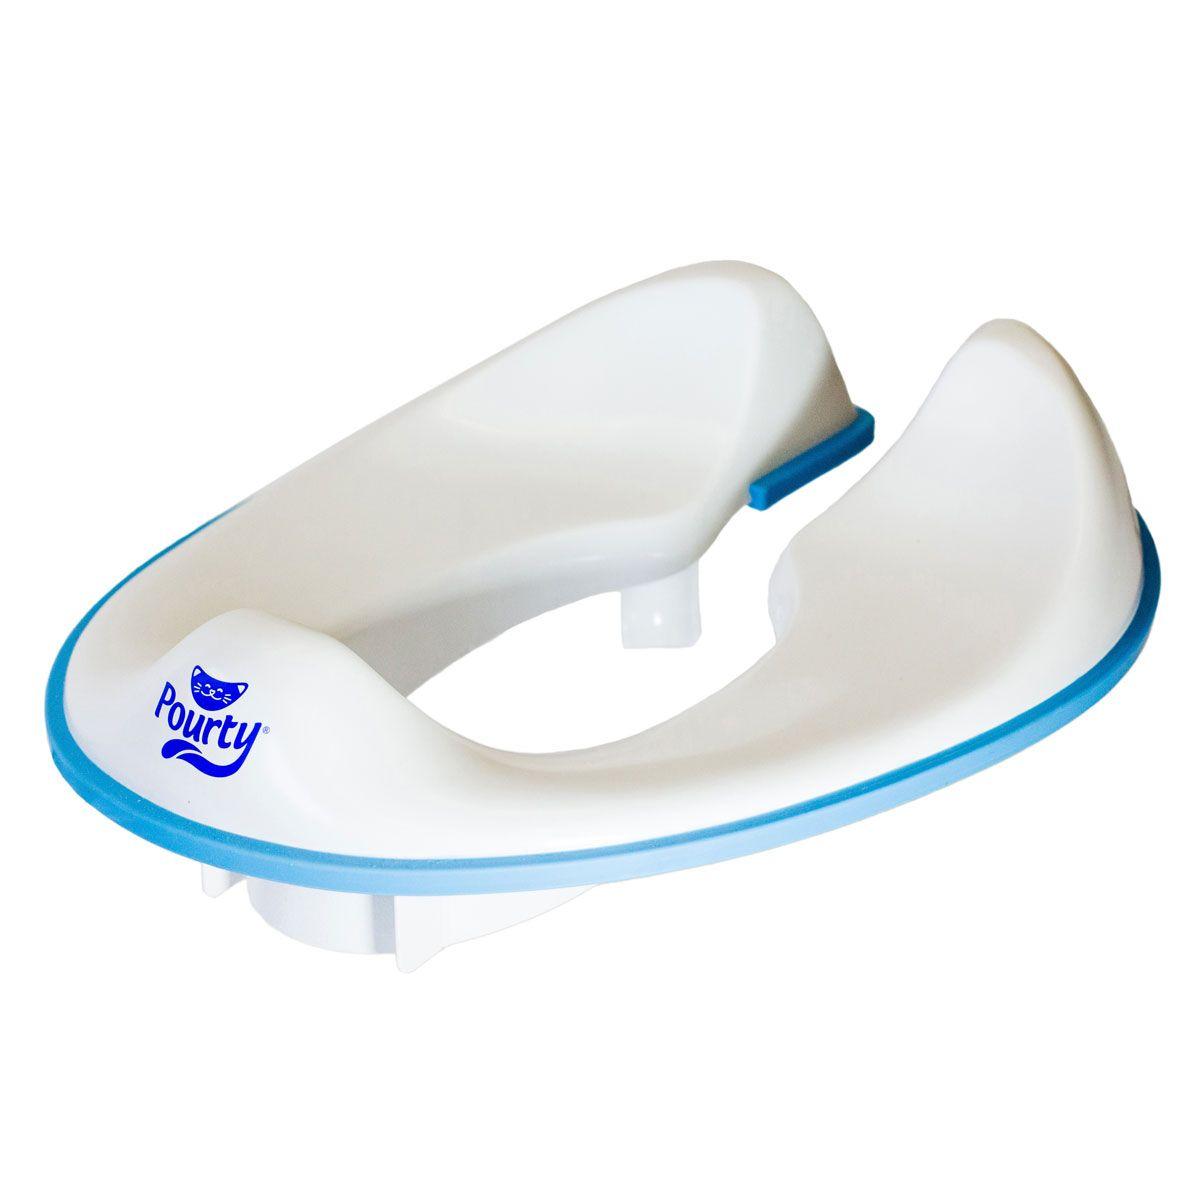 Réducteur de toilettes Flexi-Fit